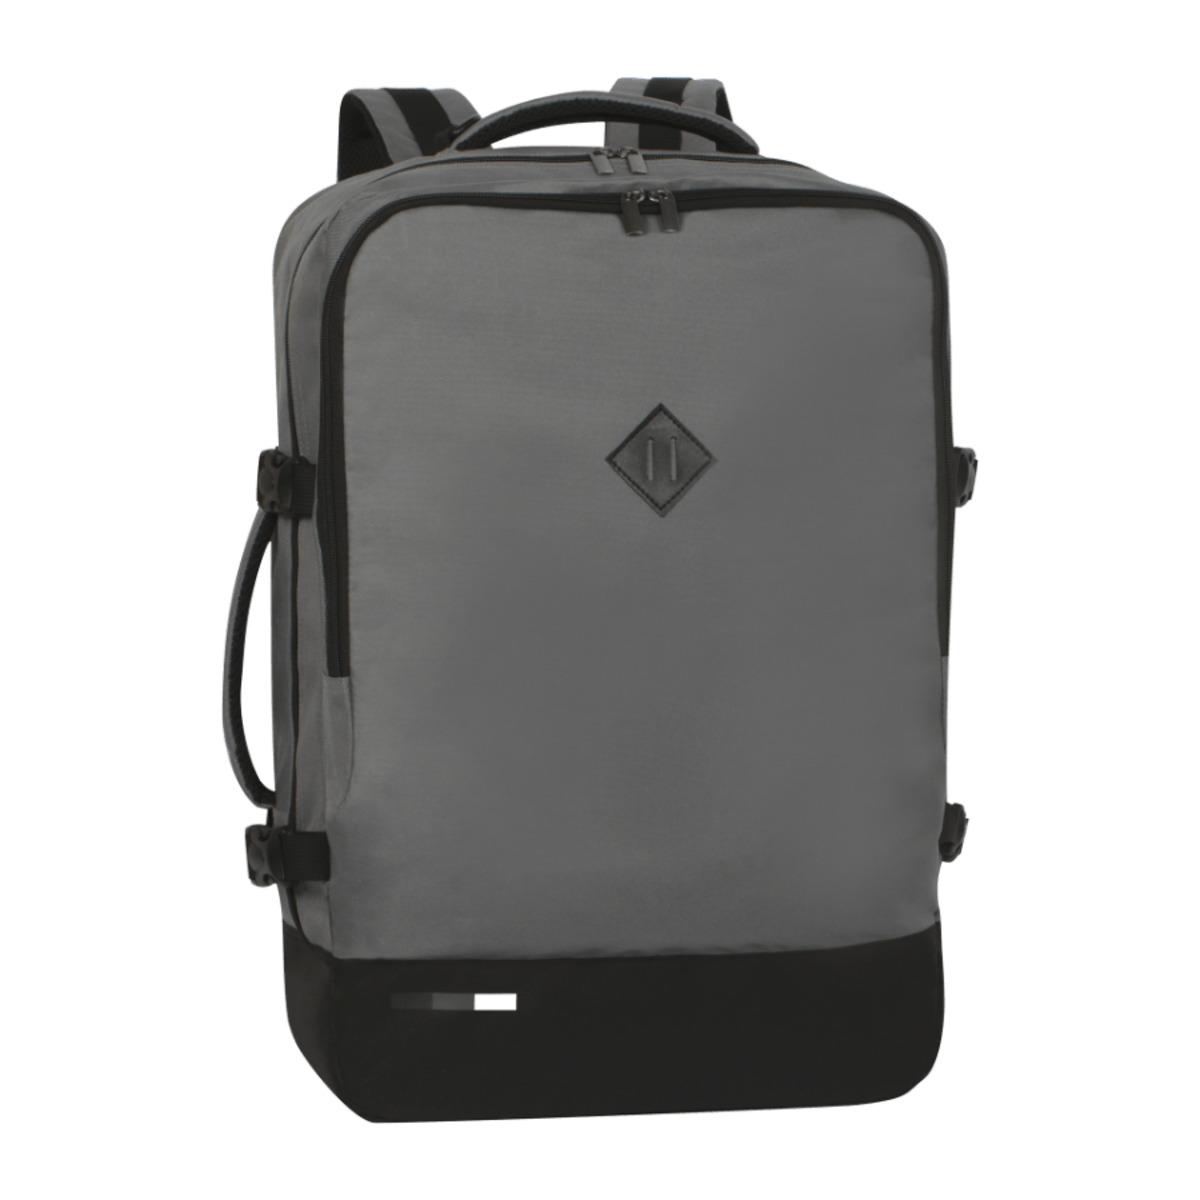 Bild 3 von ROYAL LIFE     Handgepäck-Rucksack